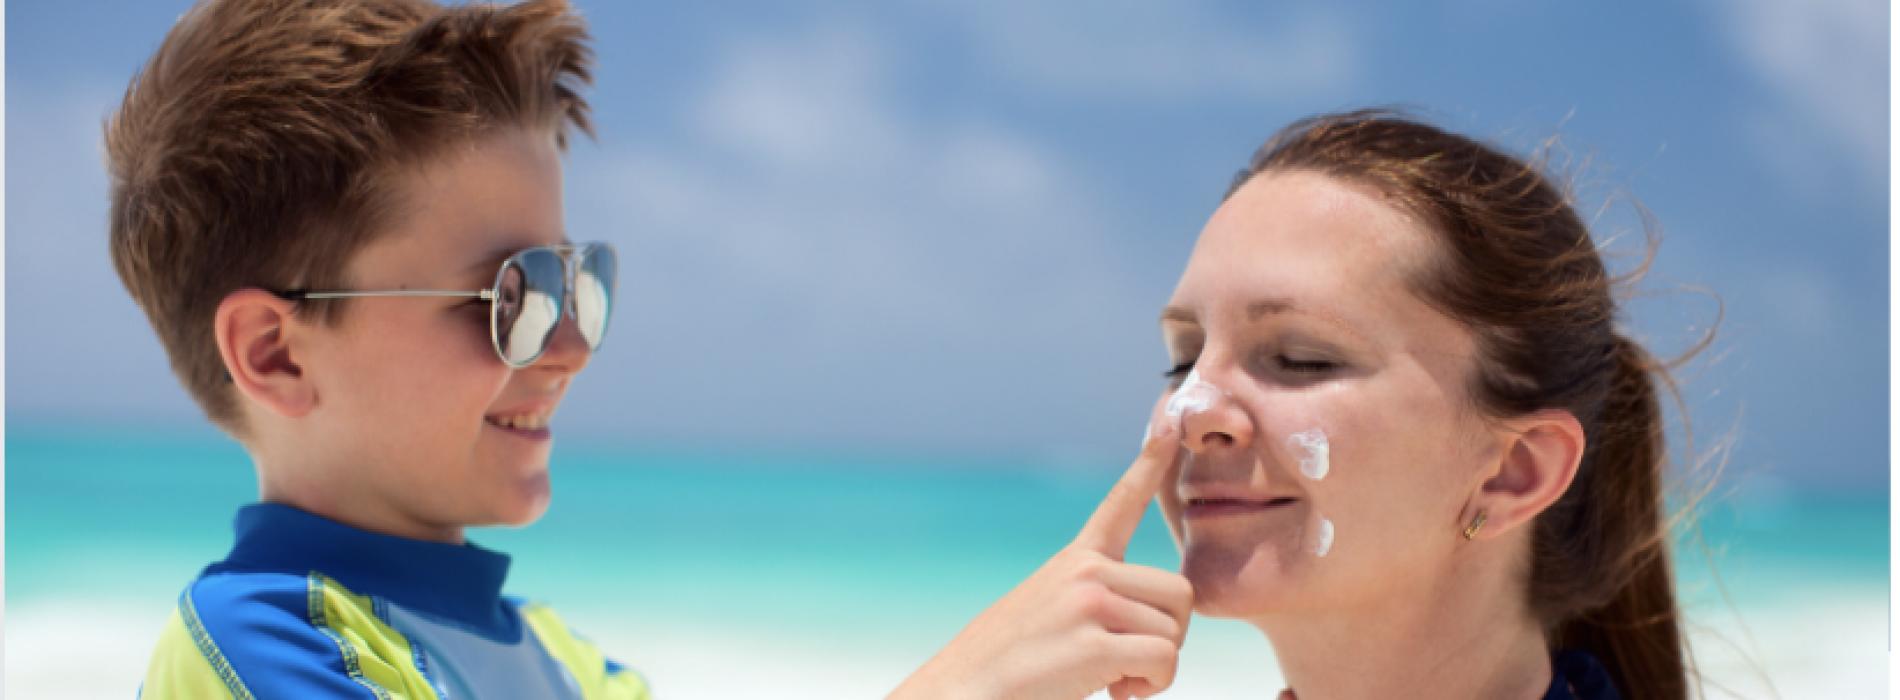 Il sole e la protezione della pelle. La parola al dermatologo